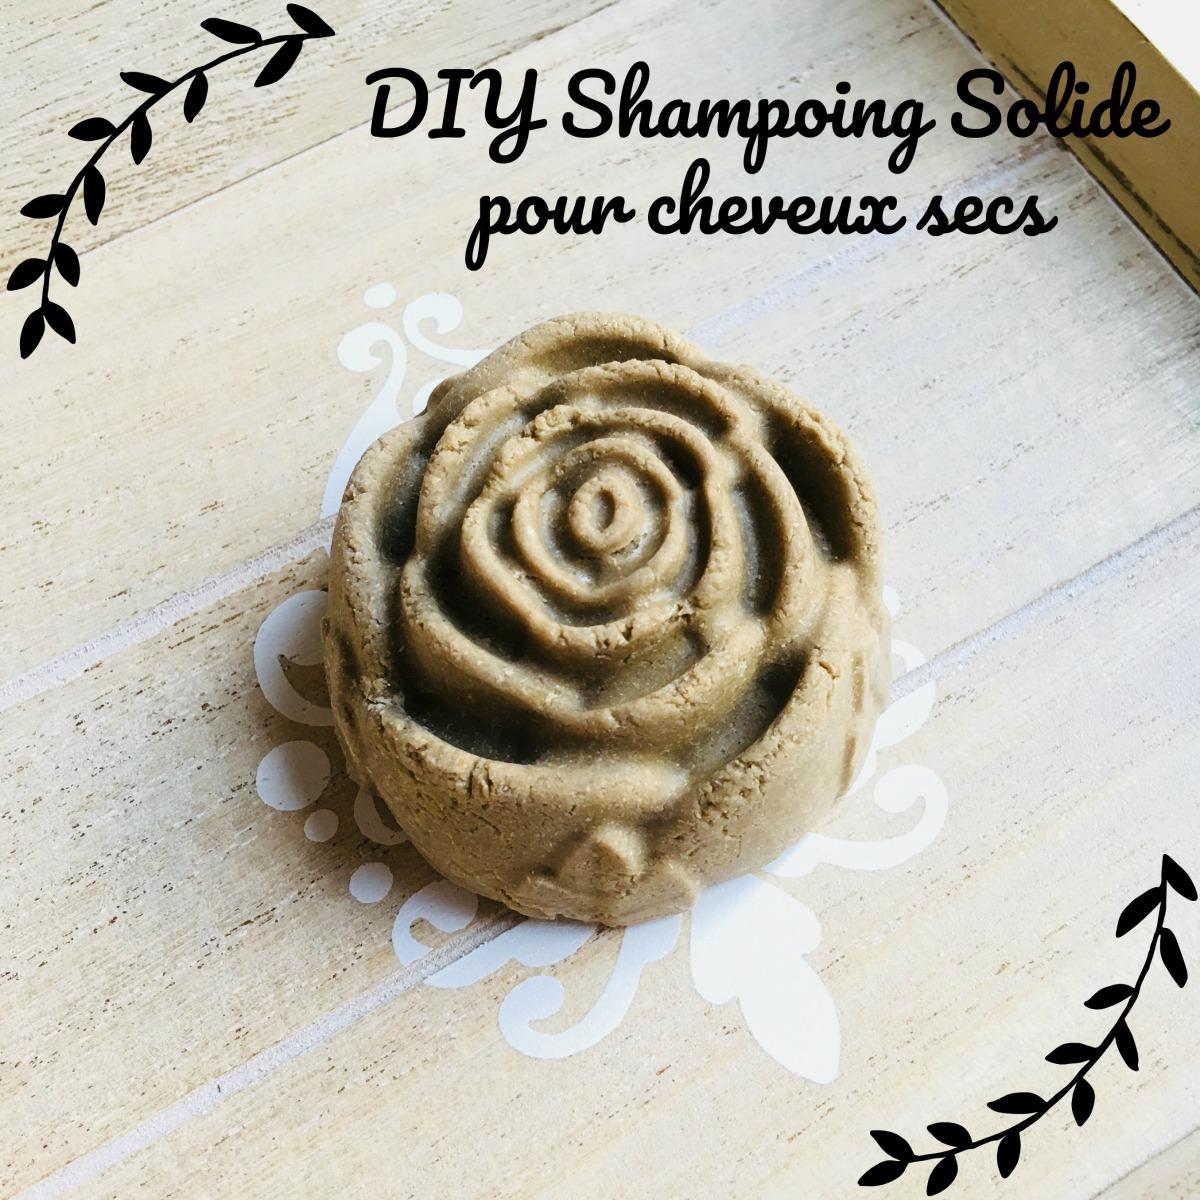 DIY: Shampoing solide pour cheveux secs